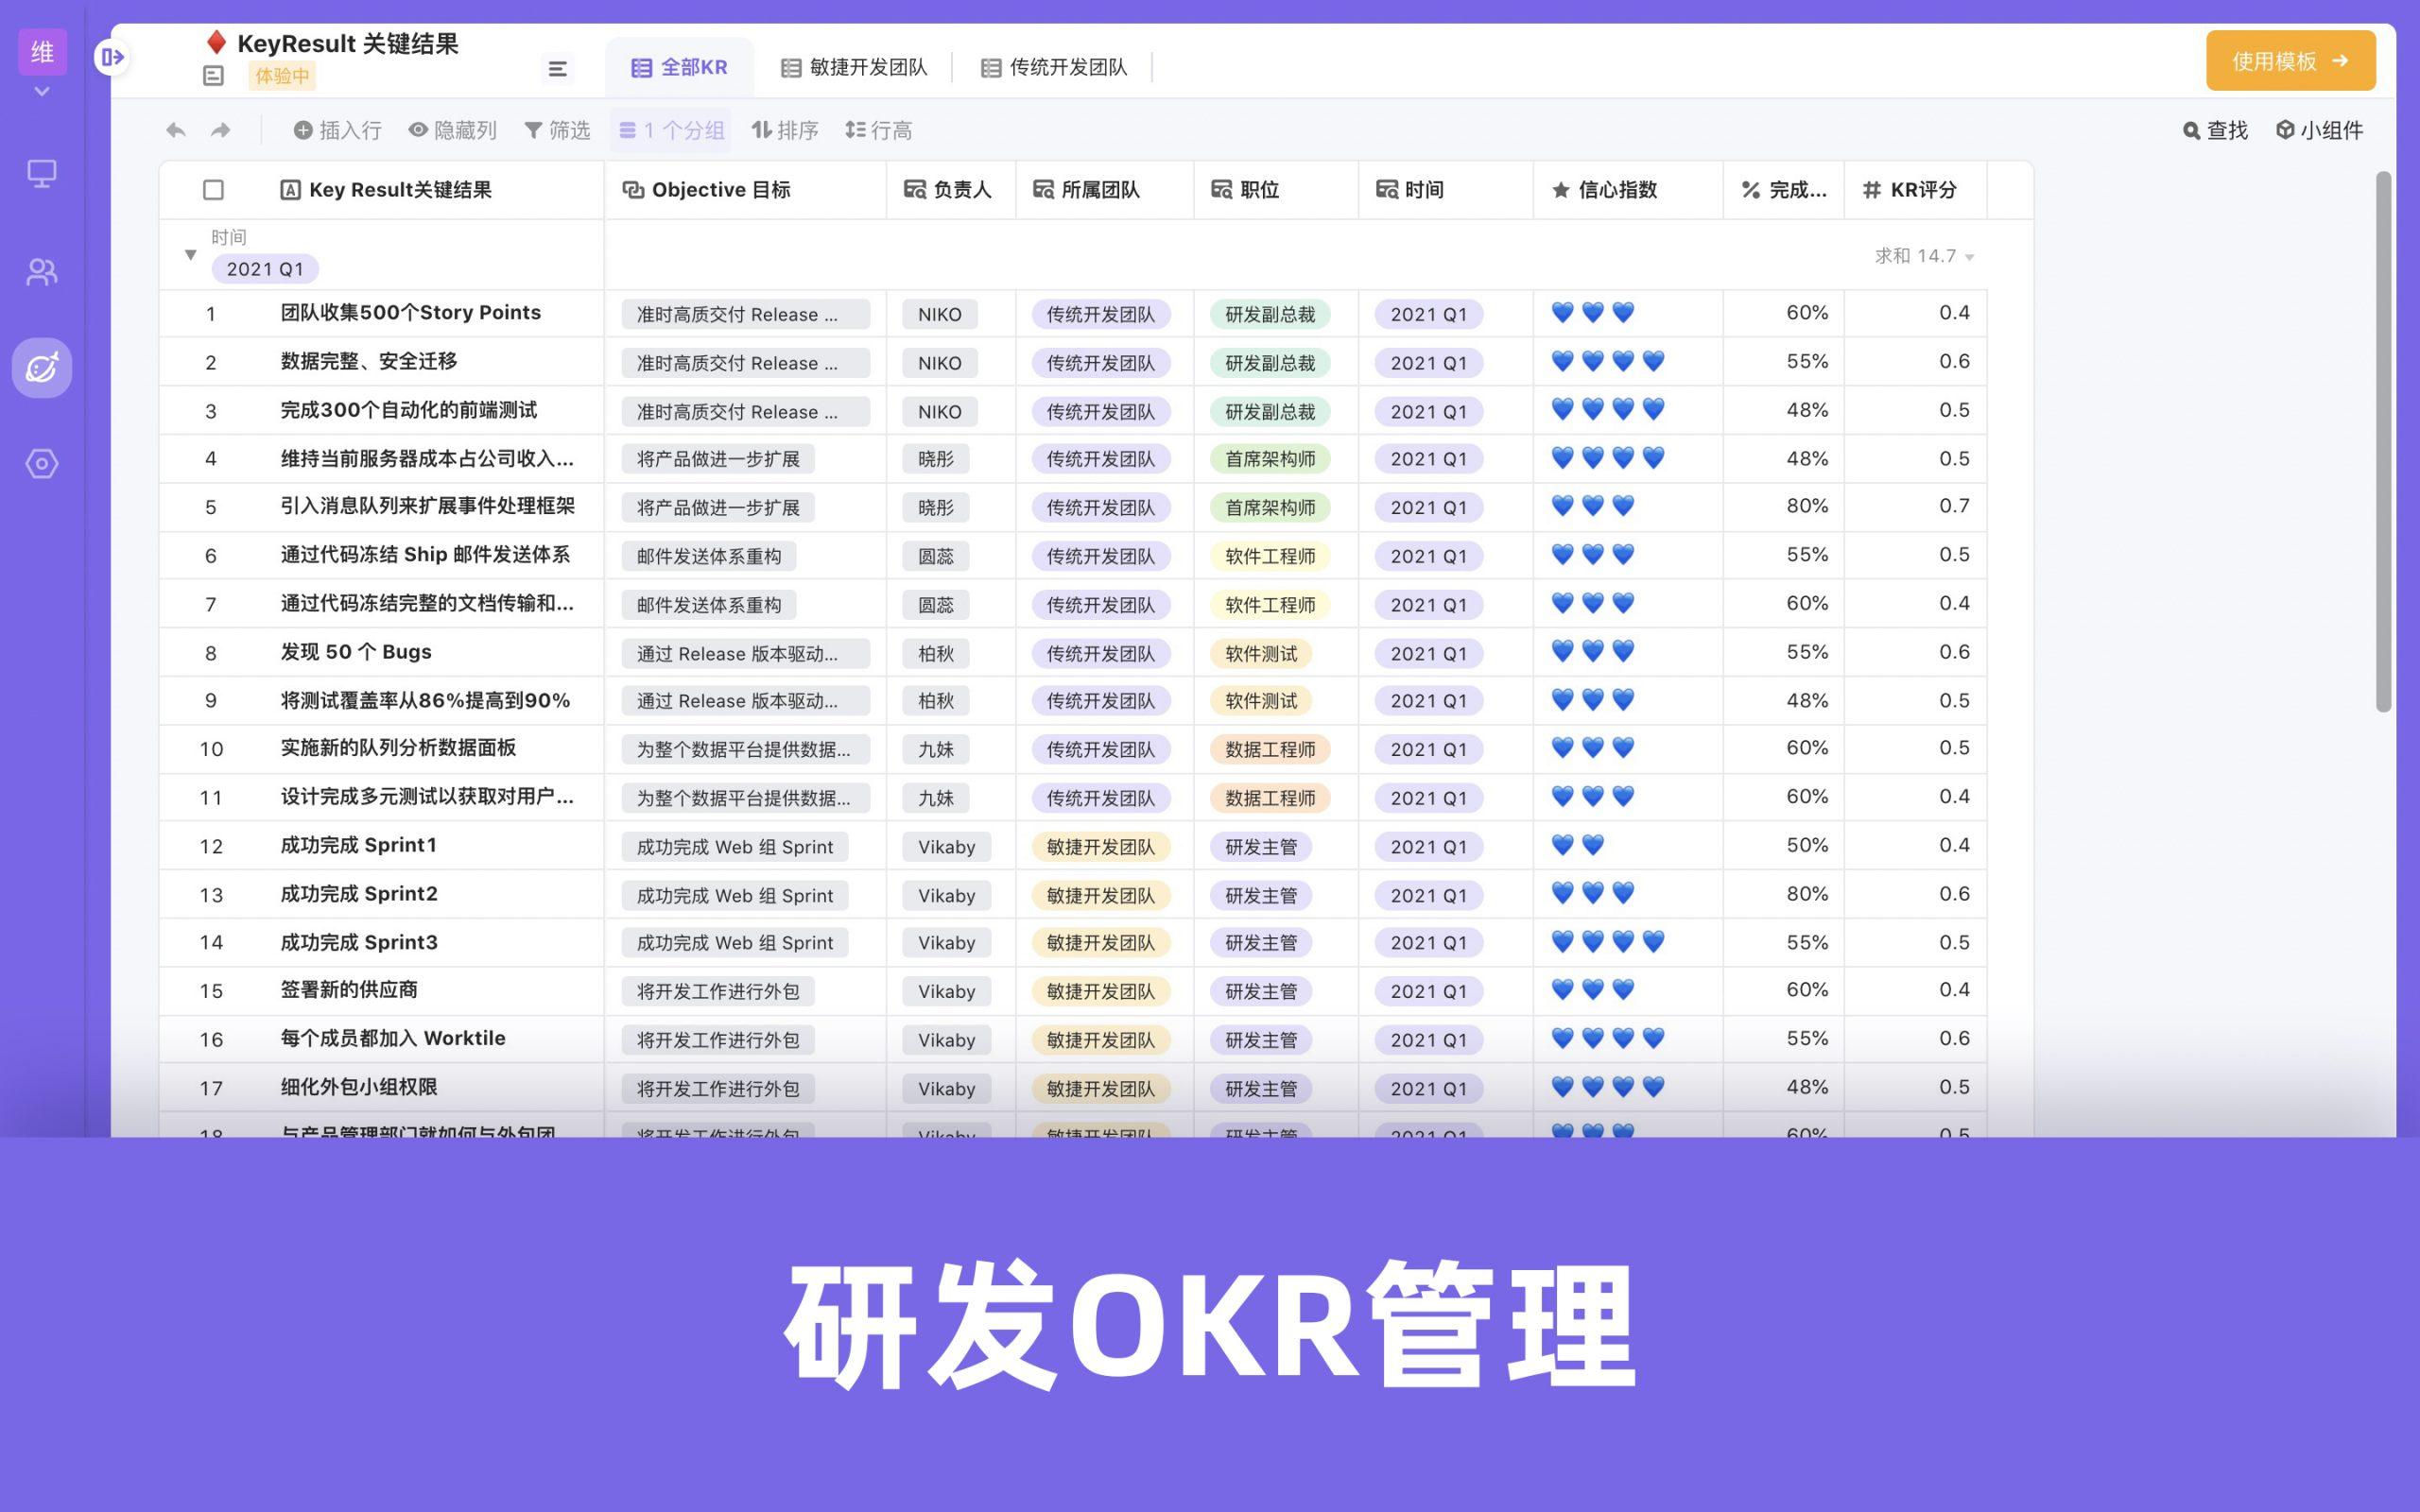 OKR模板-研发OKR管理